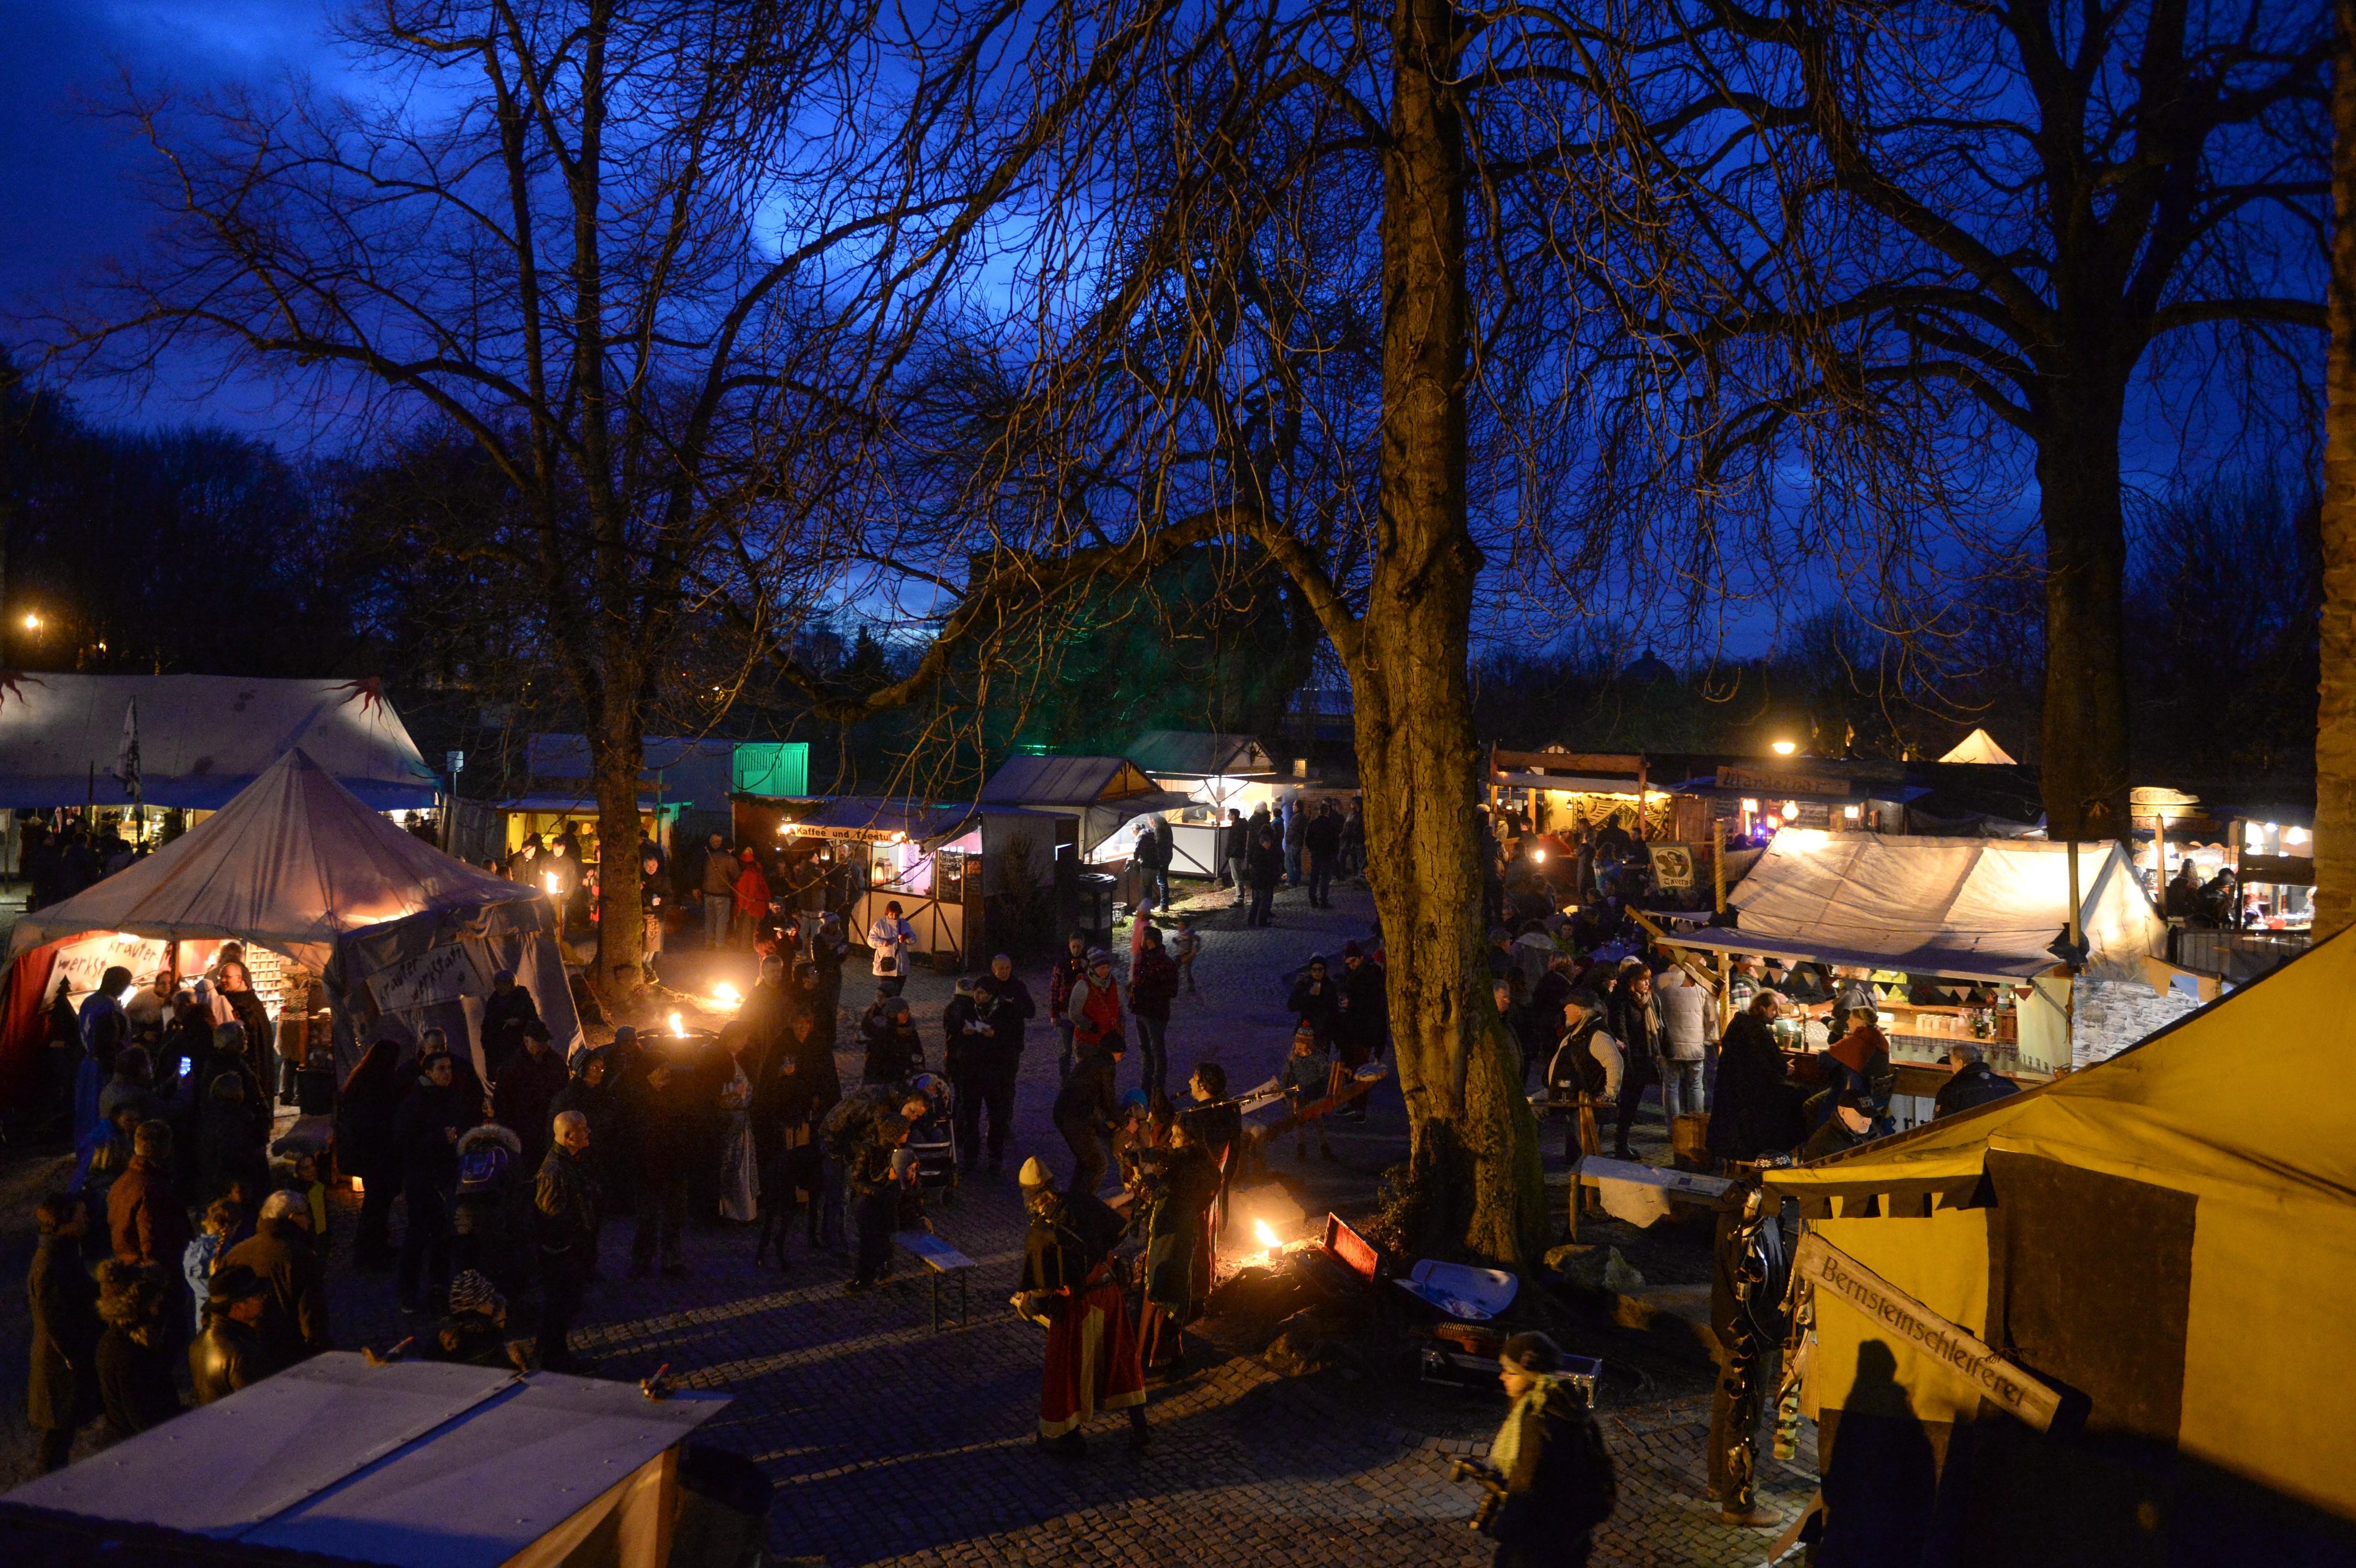 Broicher Schlossweihnacht 2015 - Drei stimmungsvolle Adventswochenenden auf Schloß Broich